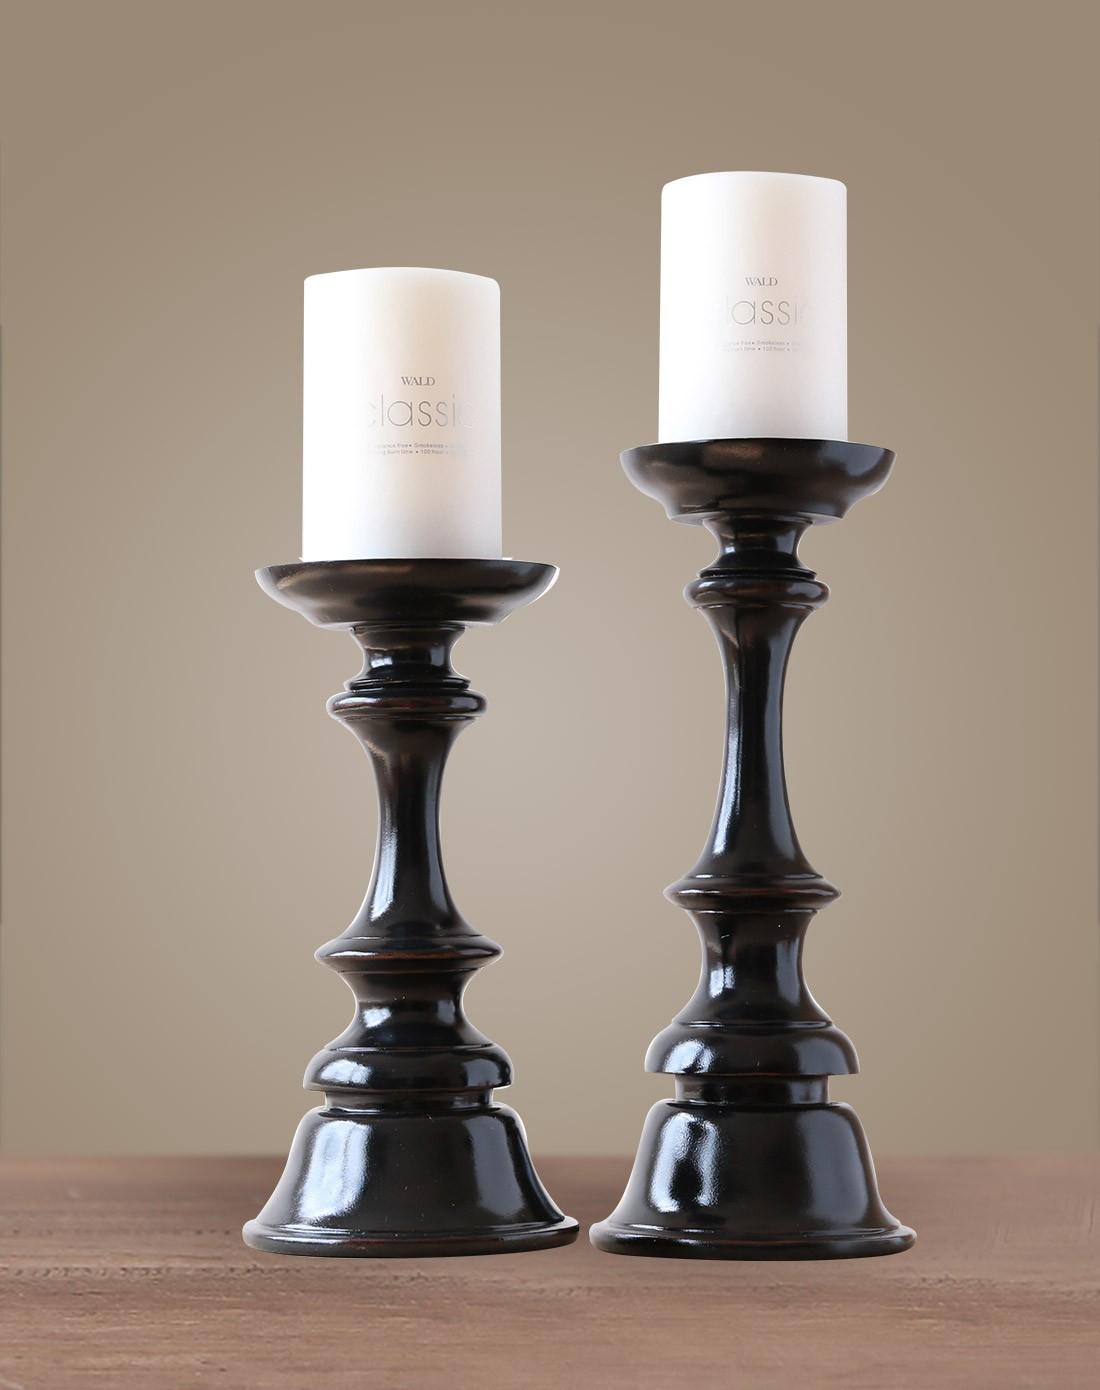 美式家居摆件树脂烛台套装图片